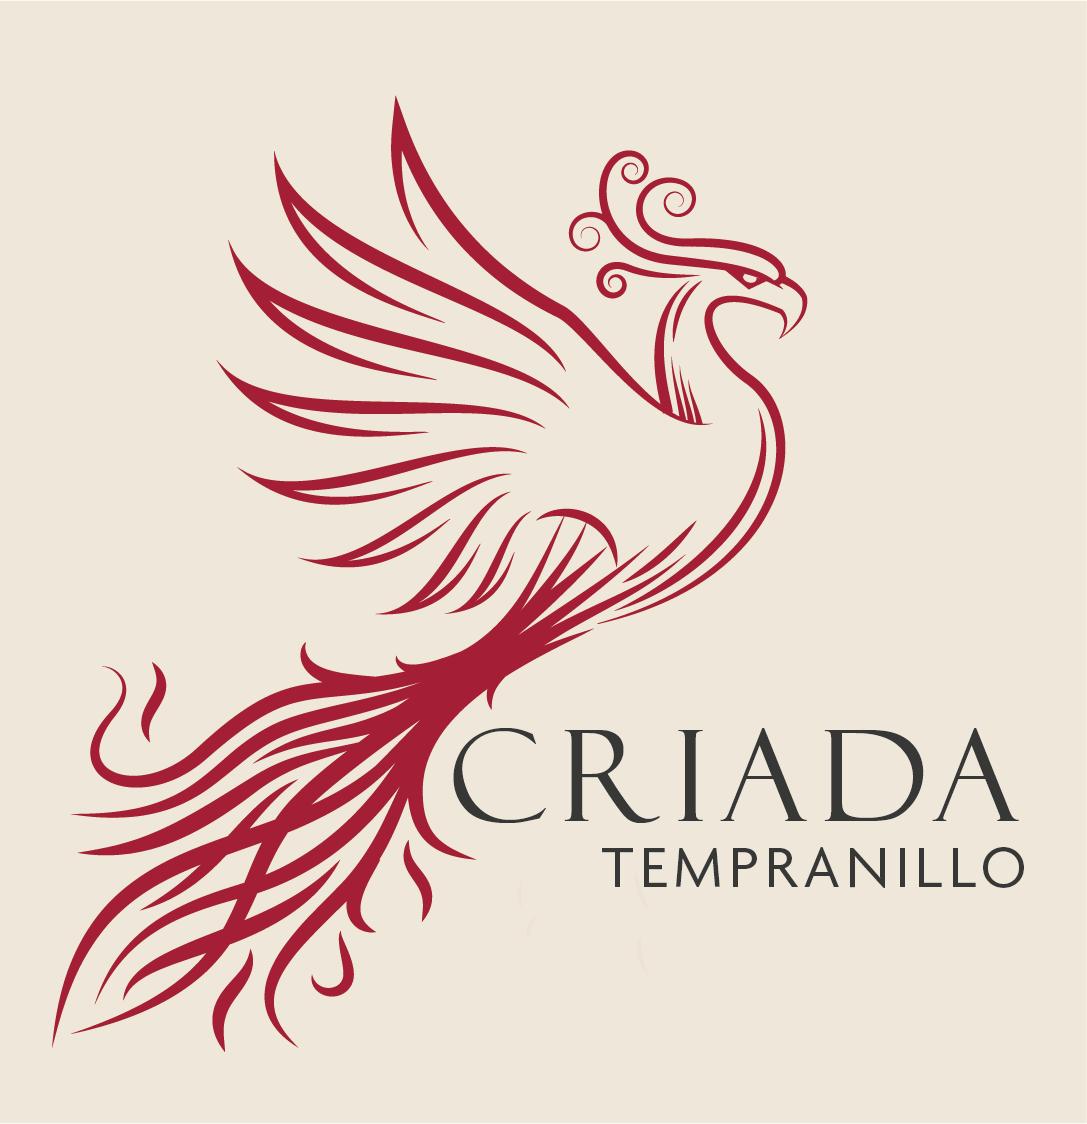 Wine label design for our Criada wine